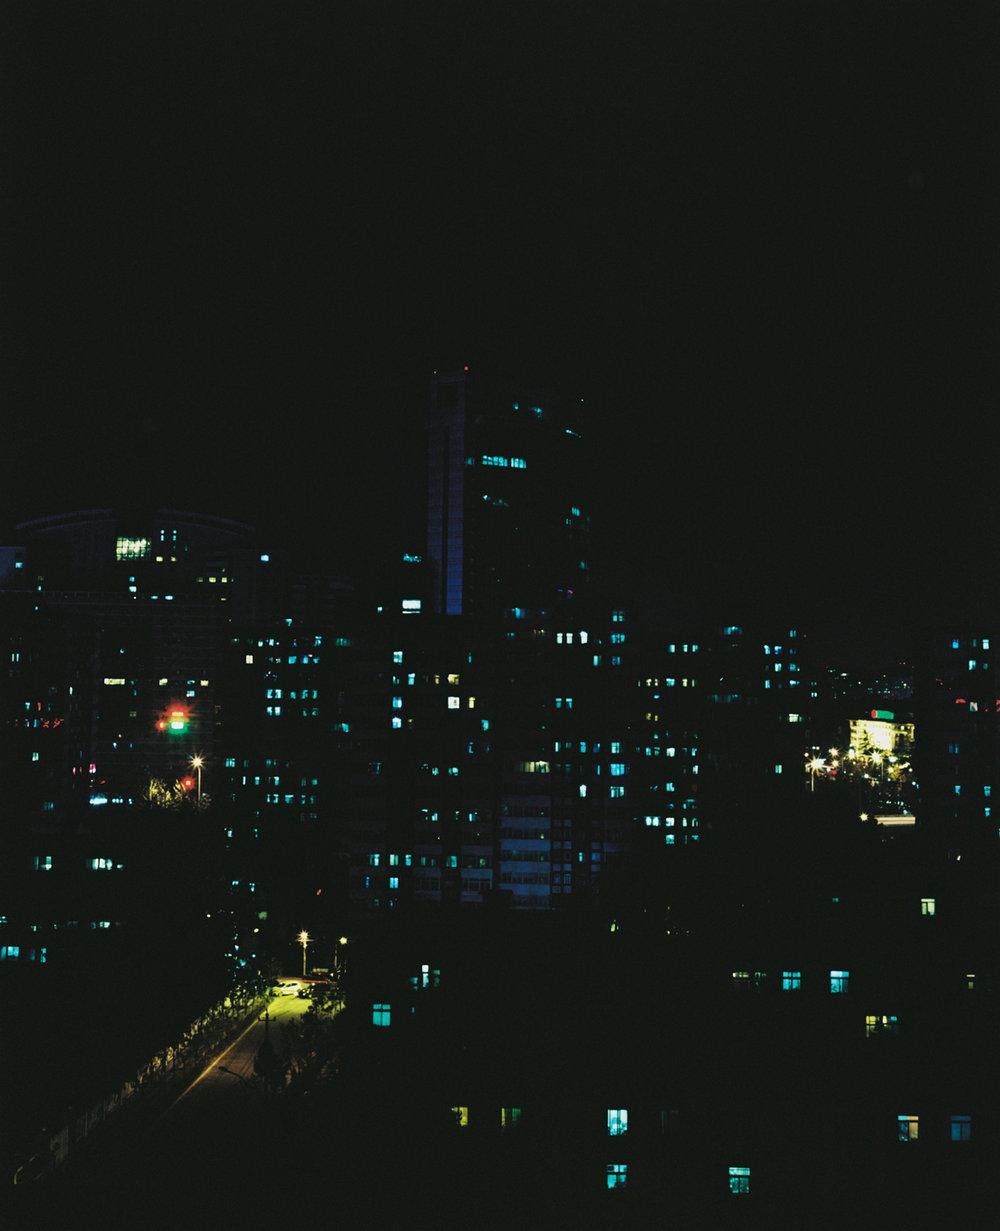 000009-3.jpg